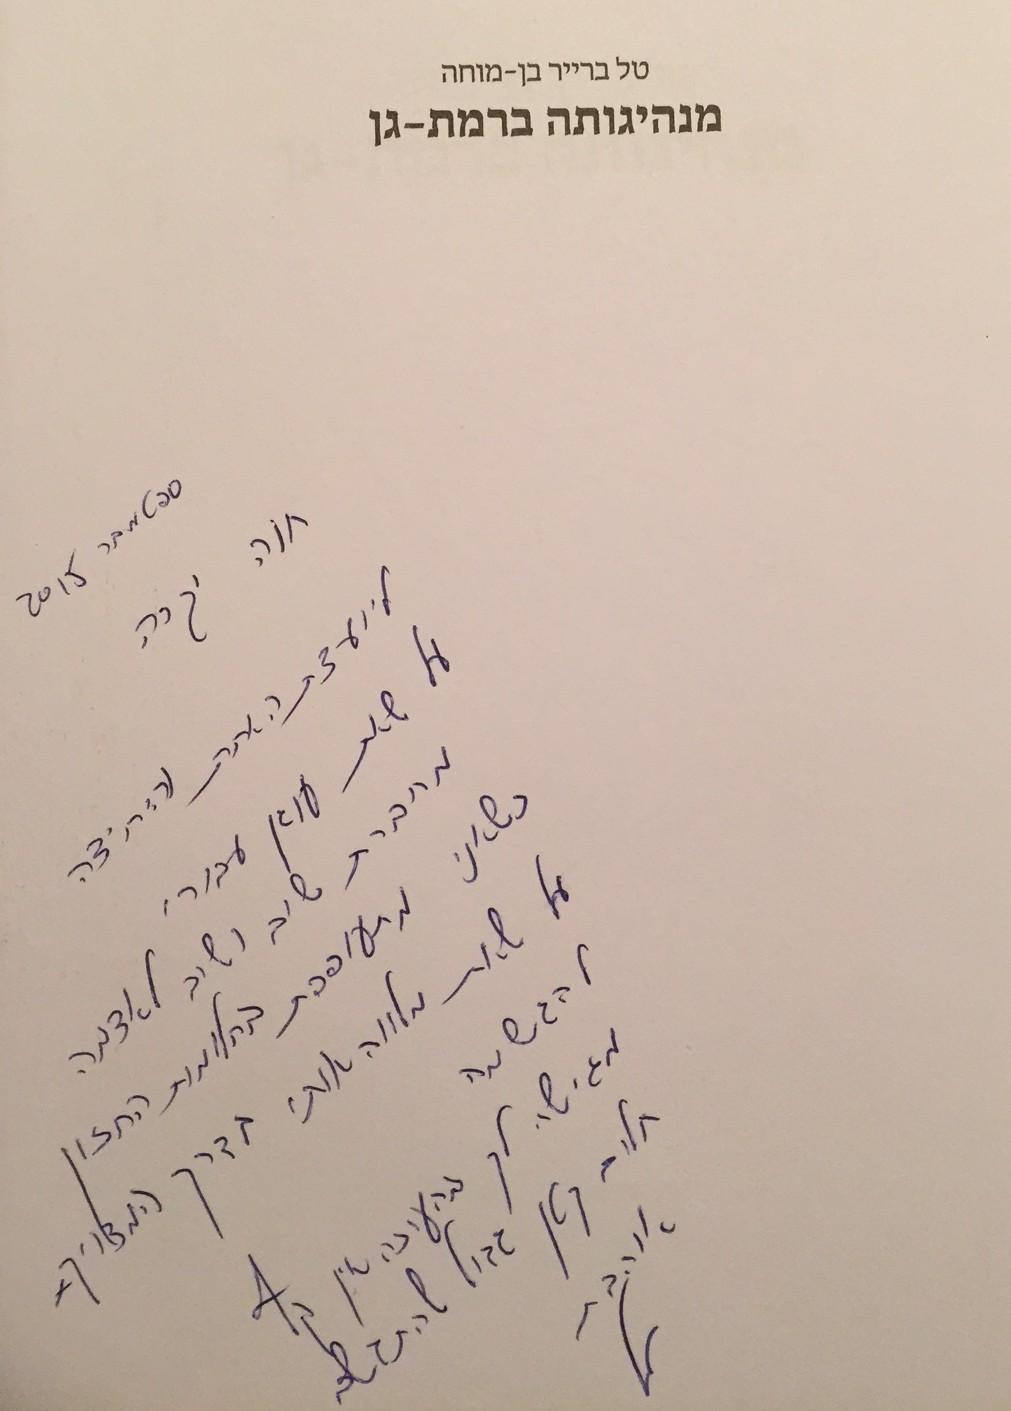 מנהיגותה_תודה